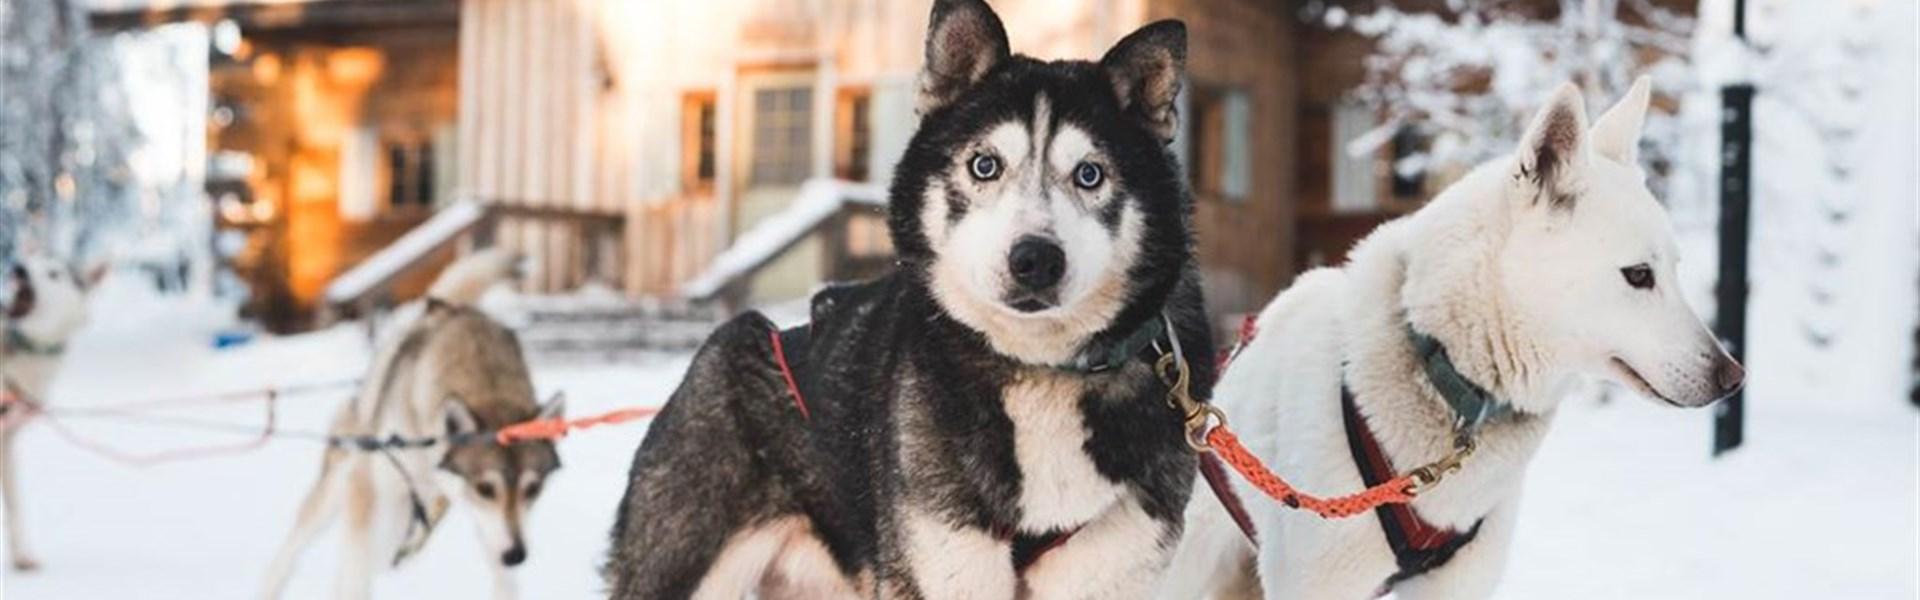 Zimní Helsinky a Polární Kruh - vlakem i s psím spřežením - Zimní Helsinky a Polární Kruh - letecky, vlakem i s psím spřežením